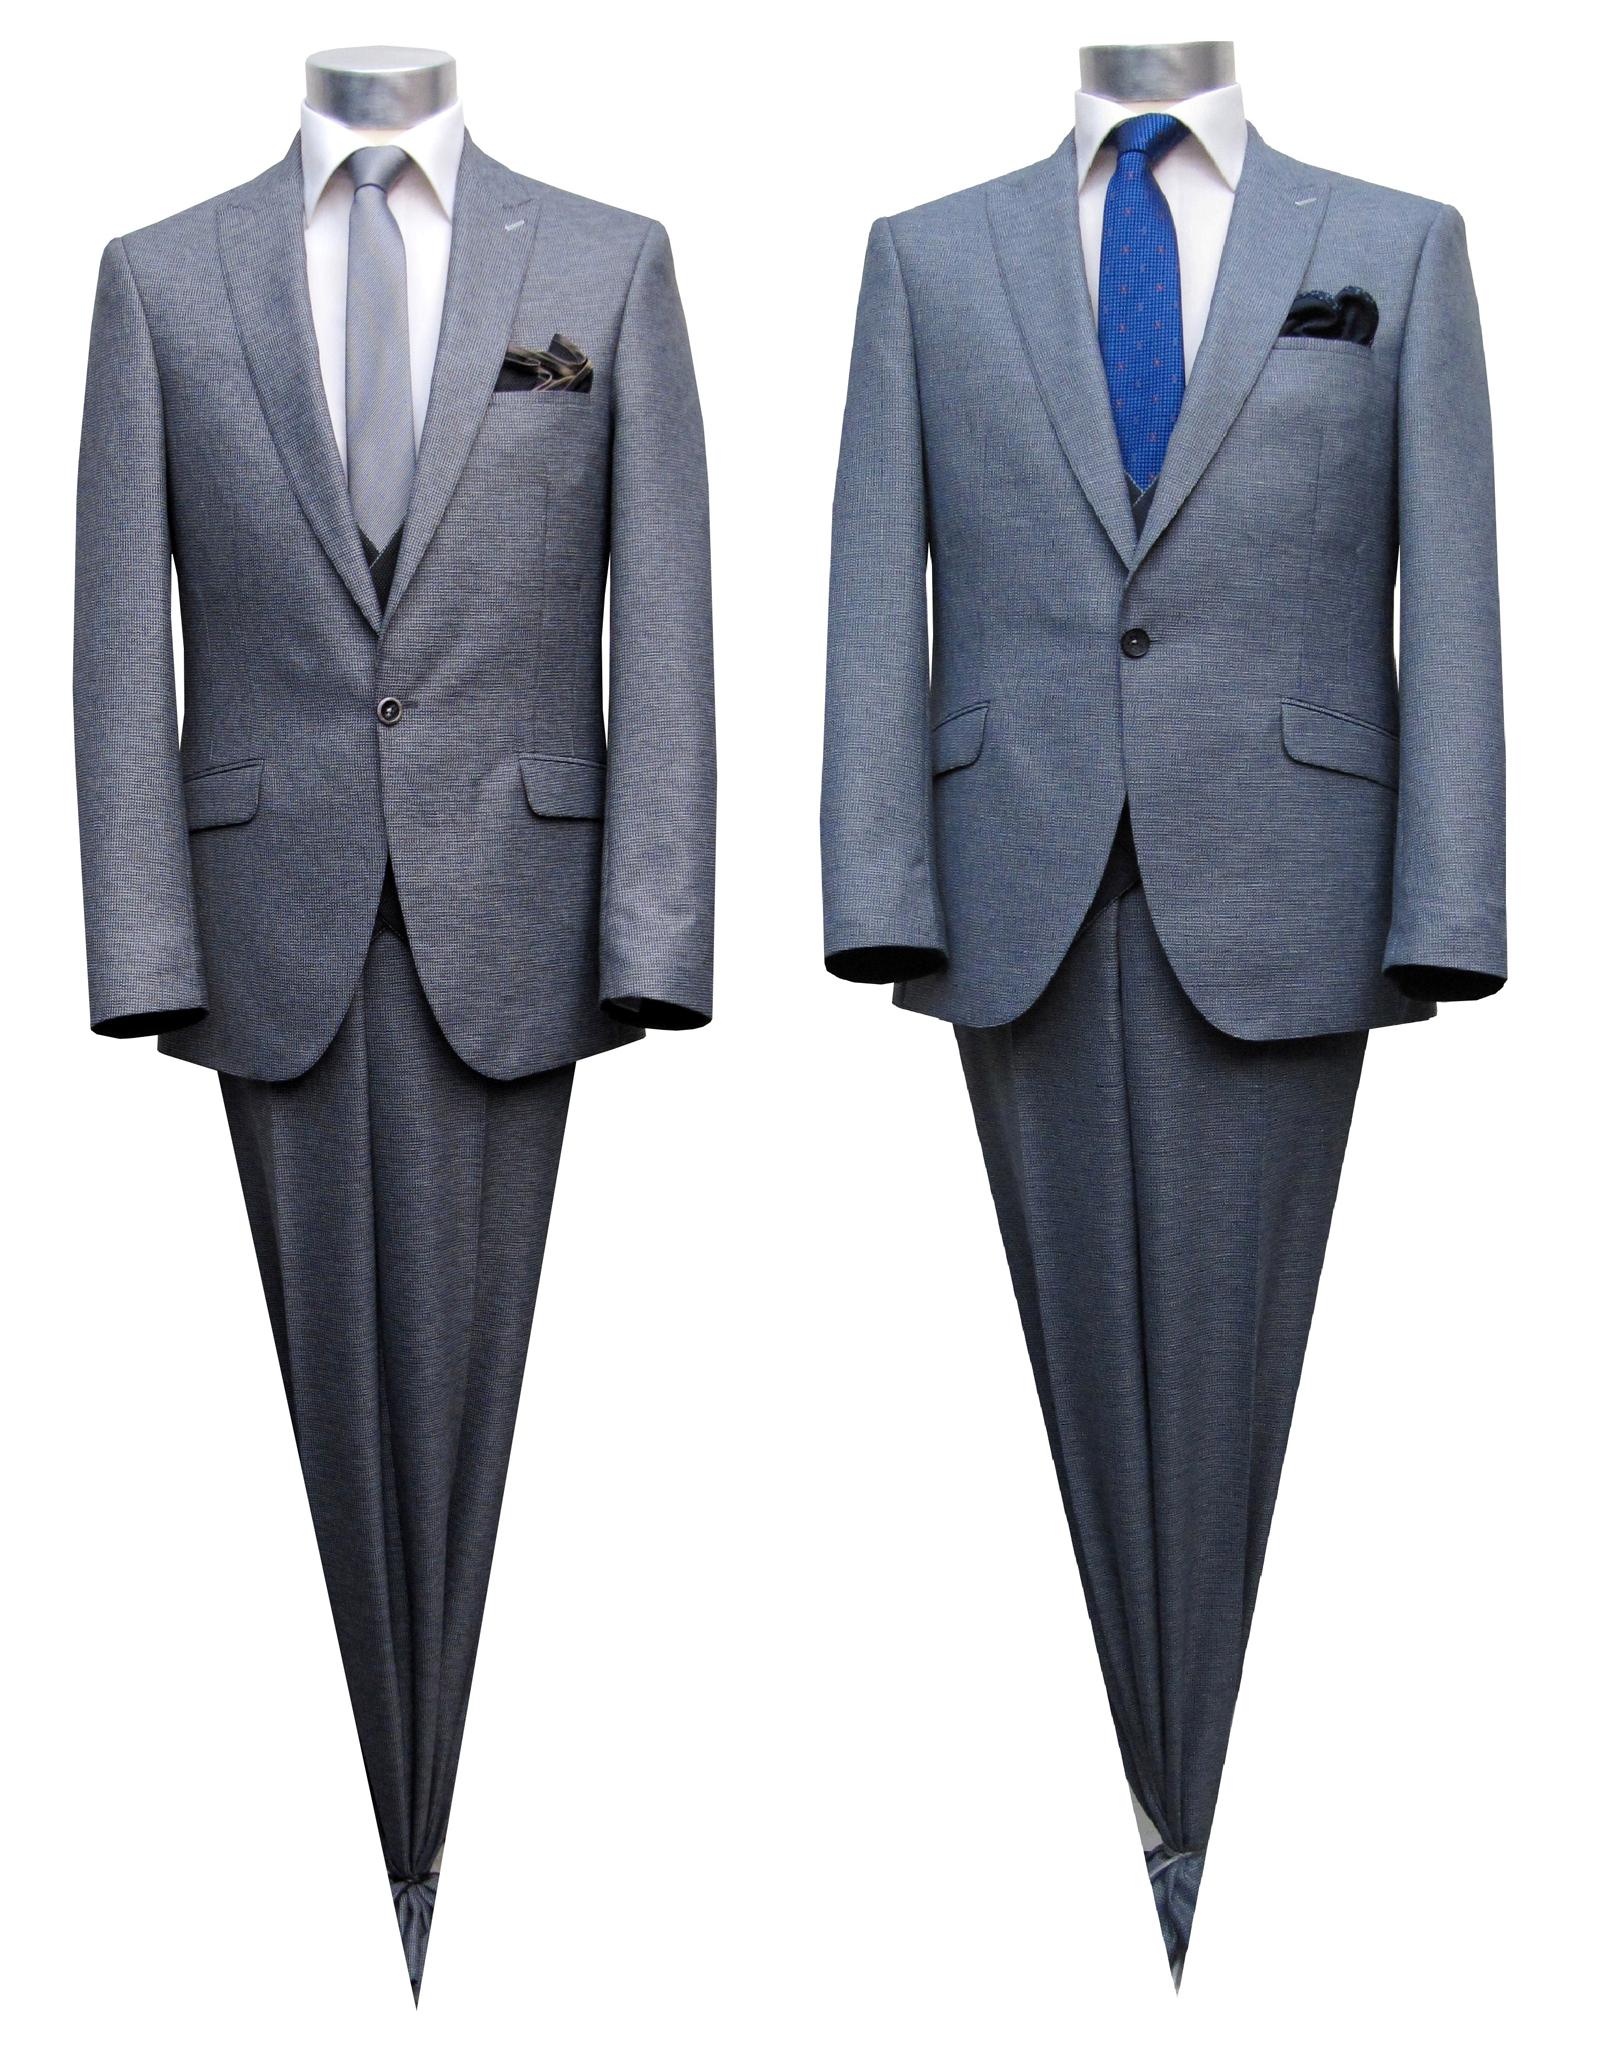 gemusterte Herren Anzug Blau und Schwarz mit Weste und Einstecktuch, 4  teilig, in den Größen 44-58 verfügbar. Design by MUGA ® 81c5127d4f